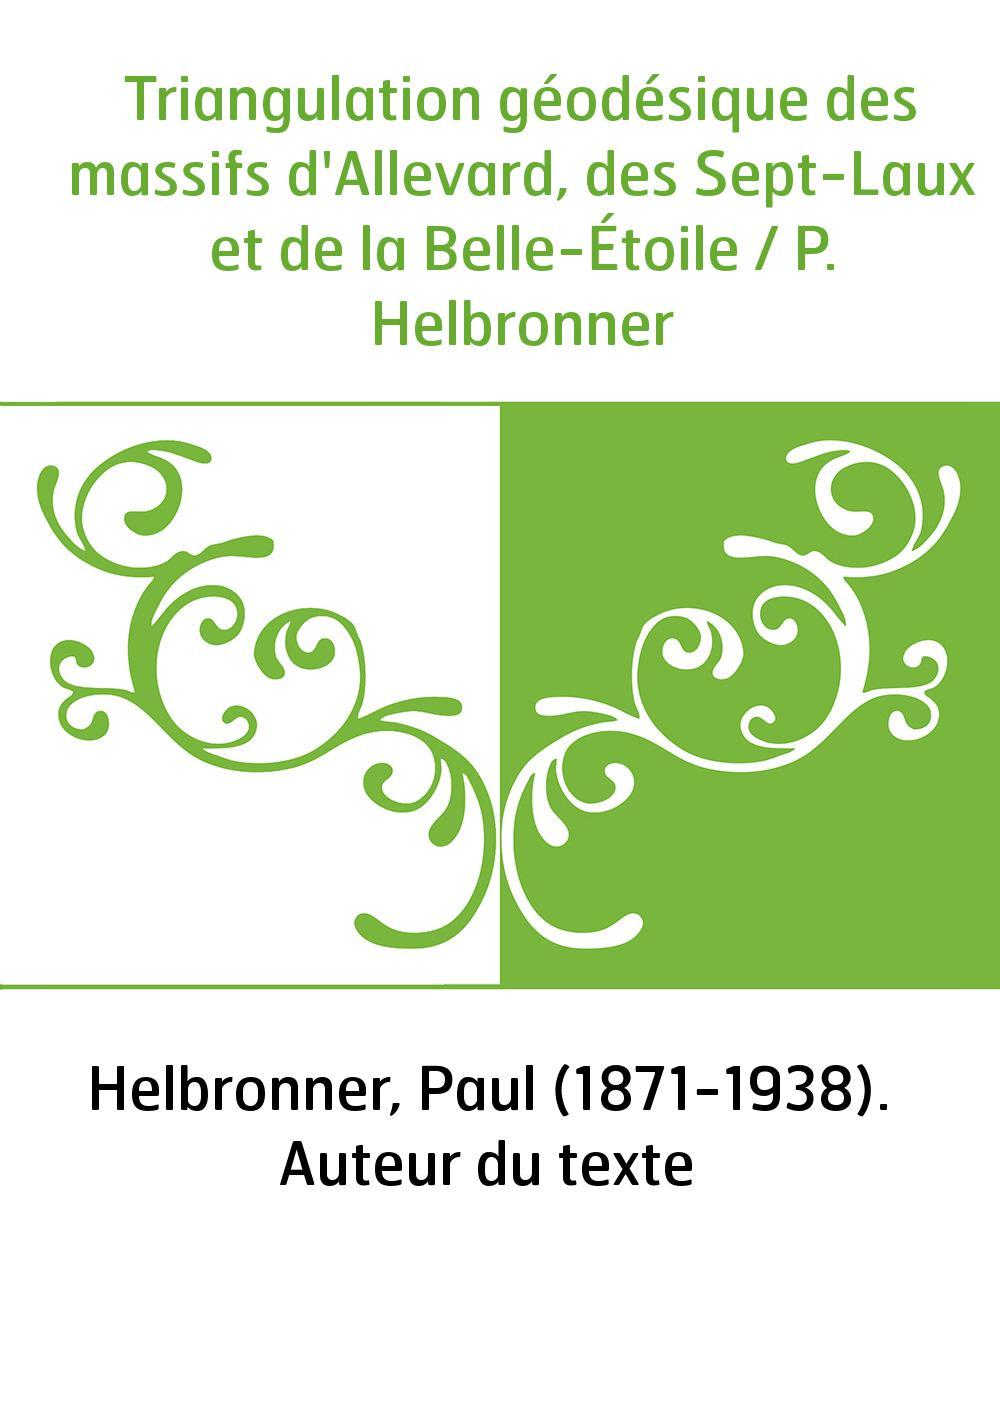 Triangulation géodésique des massifs d'Allevard, des Sept-Laux et de la Belle-Étoile / P. Helbronner